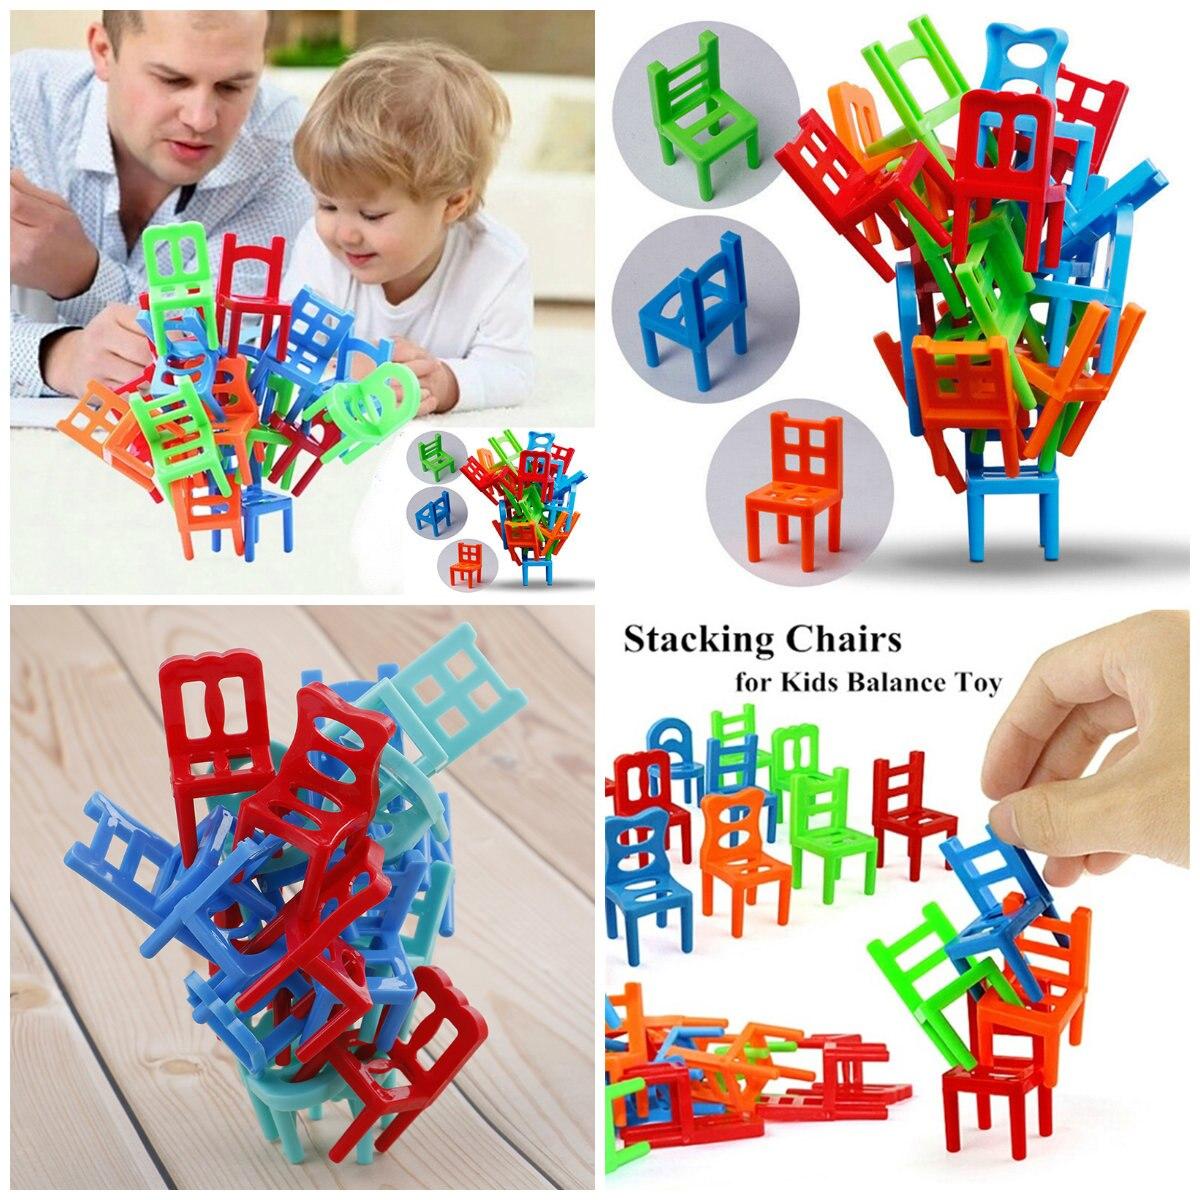 18 teile/satz Kinder Pädagogisches Balance Stapeln Stühle Spielzeug Kinder Schreibtisch Puzzle Ausgleich Ausbildung Spielzeug Balance Stühle